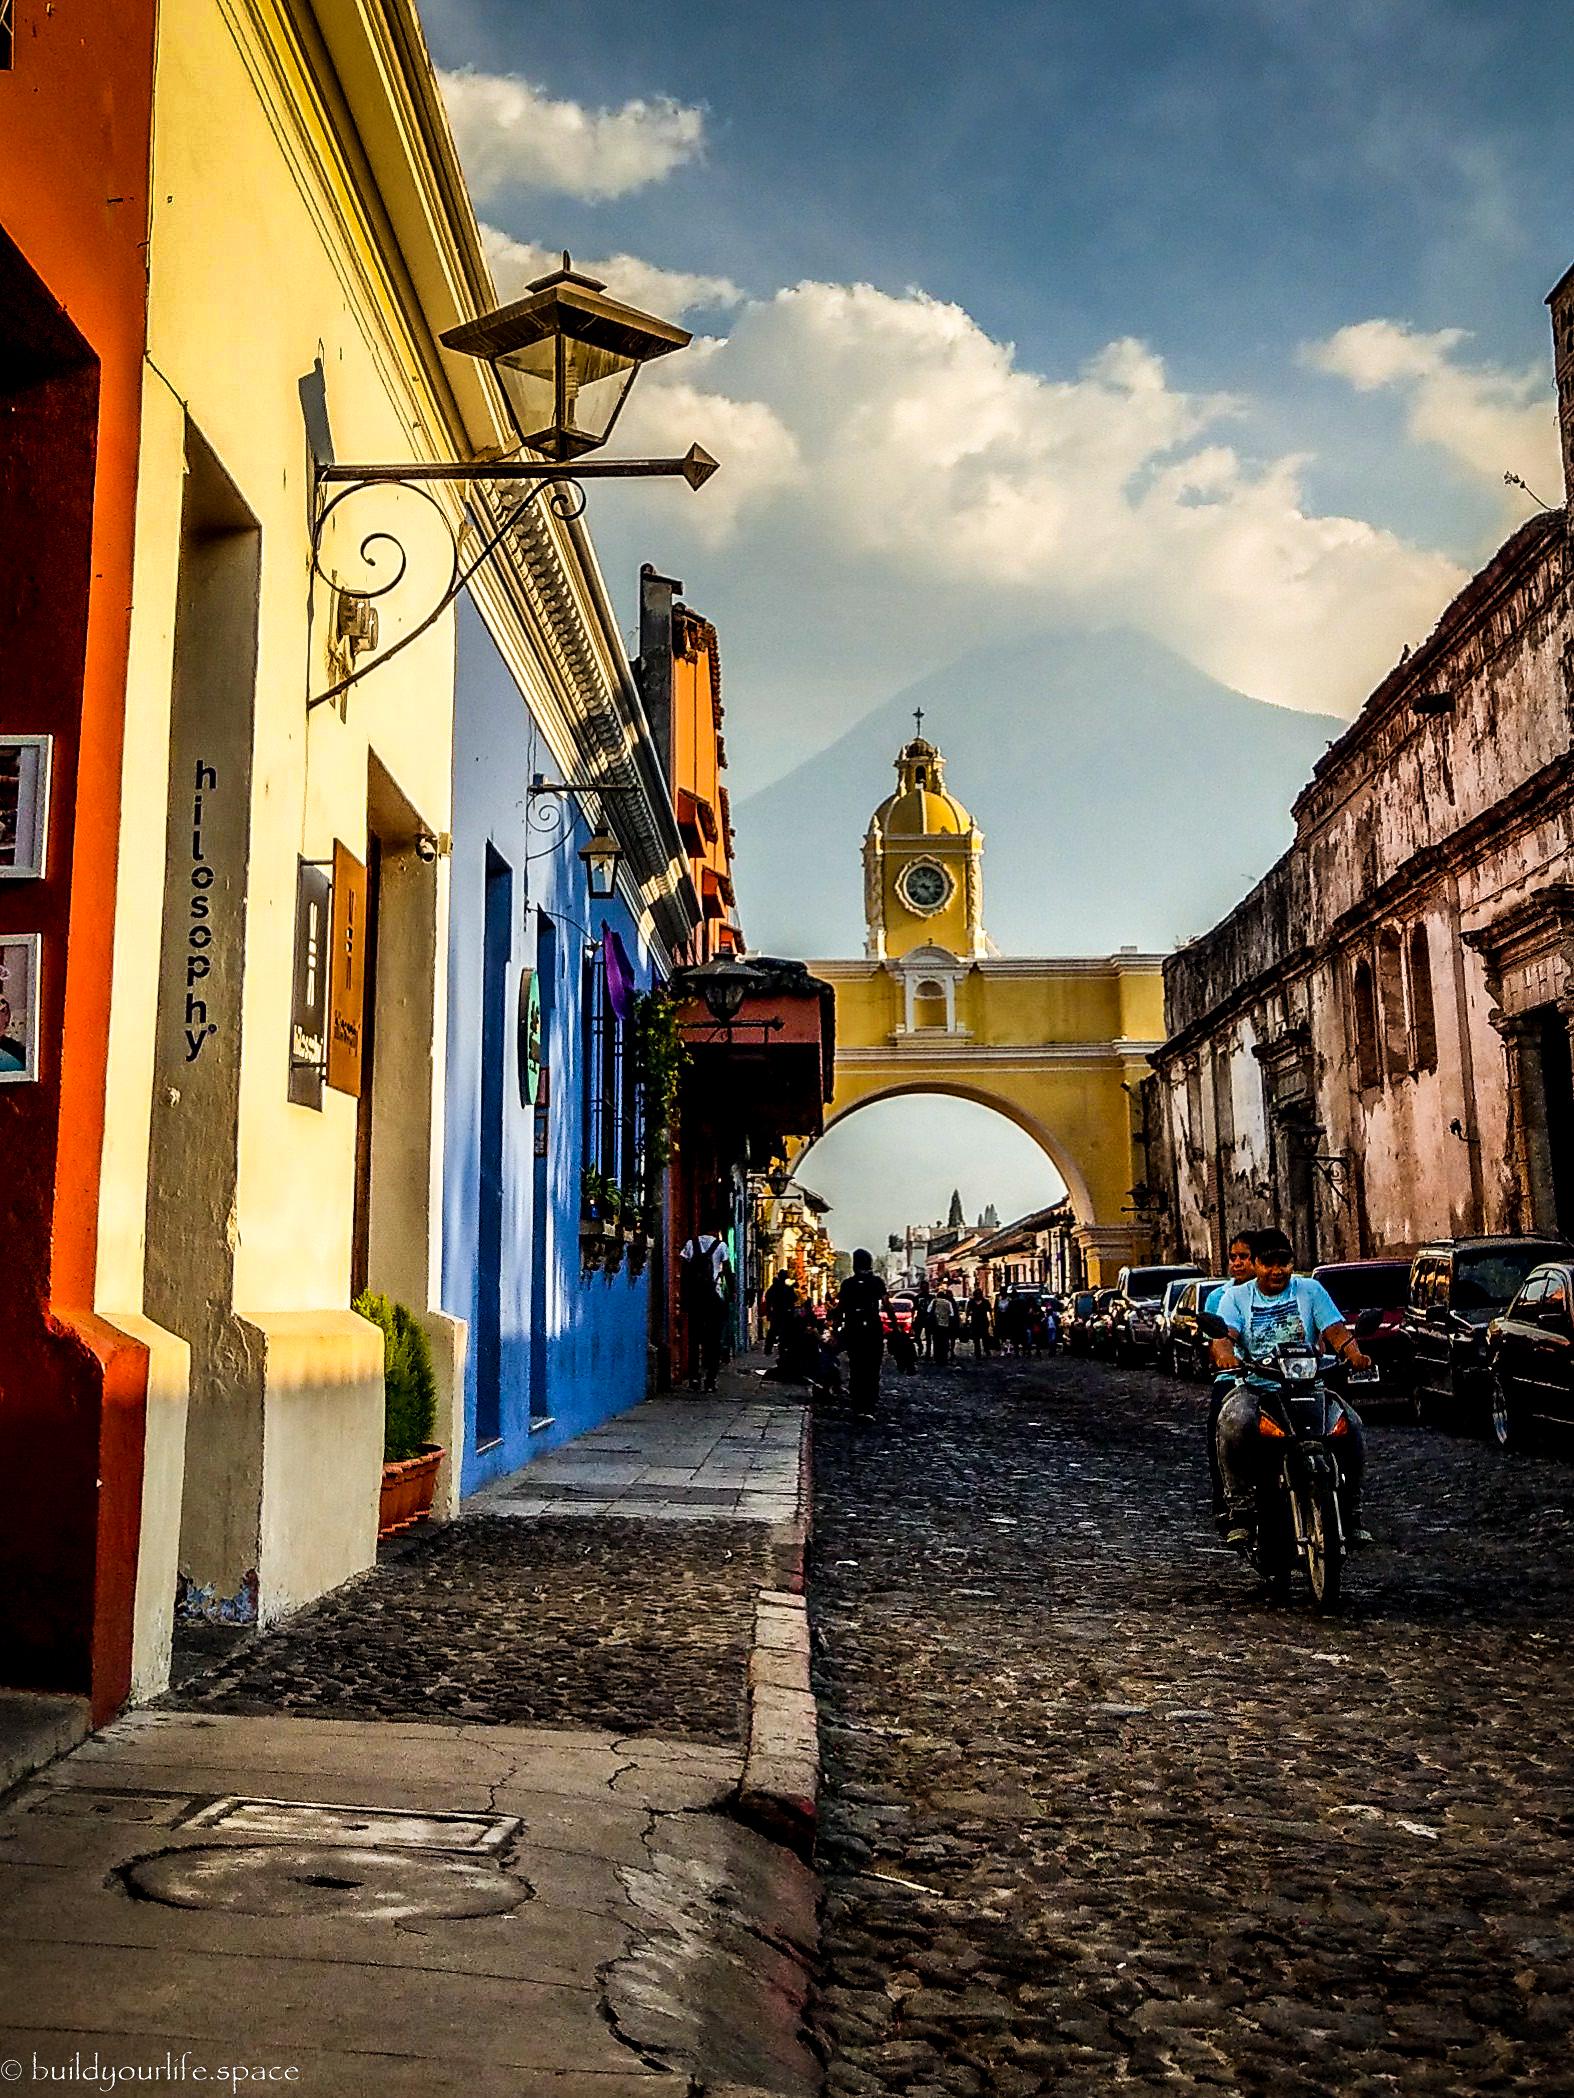 Guatemala, Spring 2019